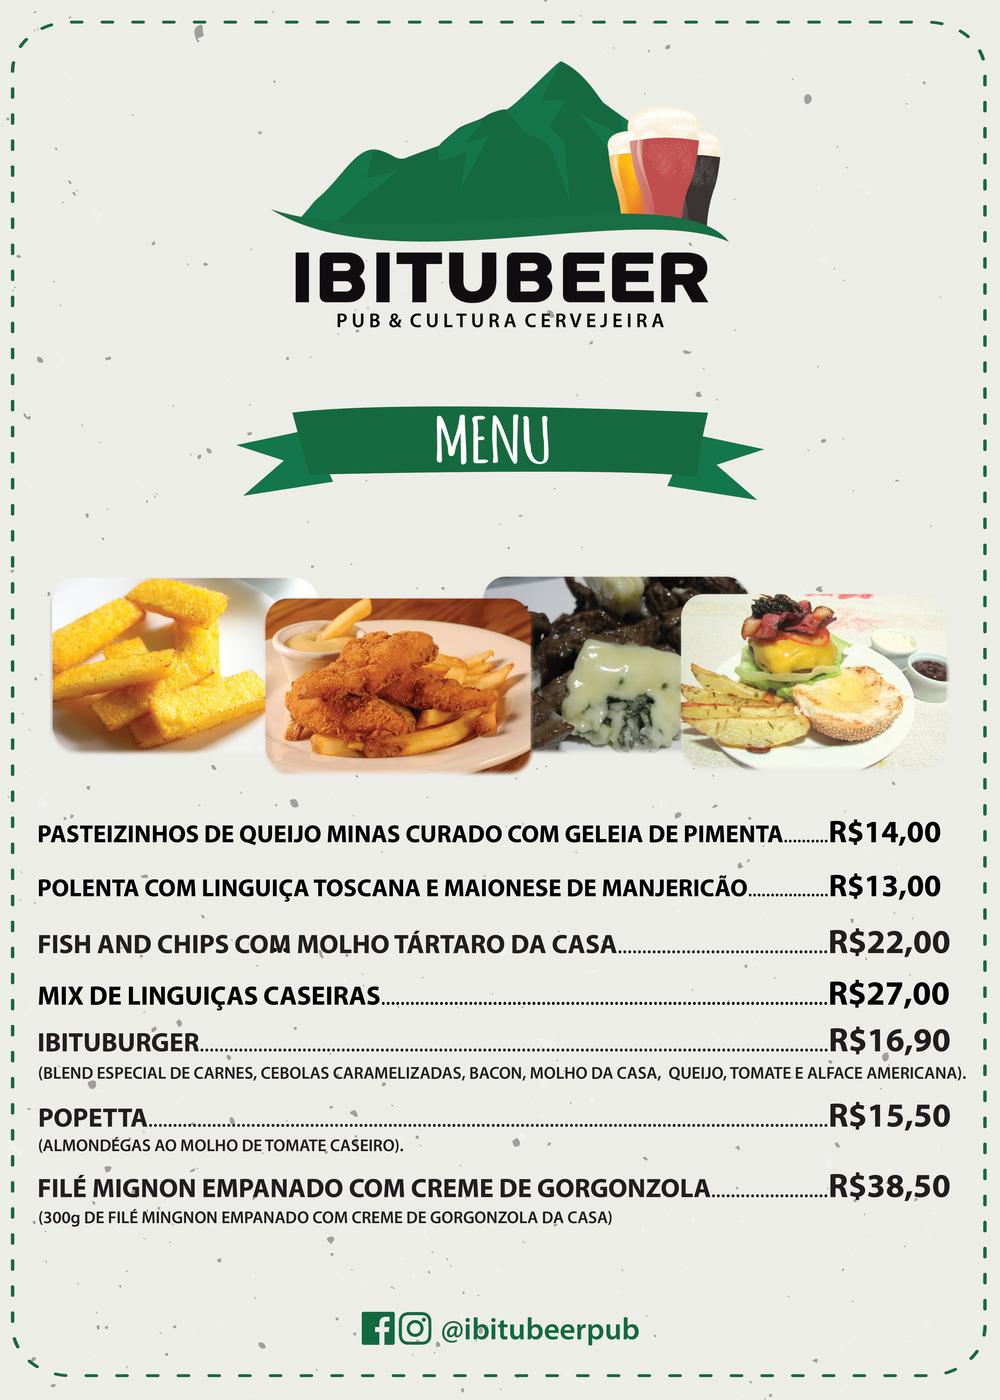 Ibitubeer-1.png